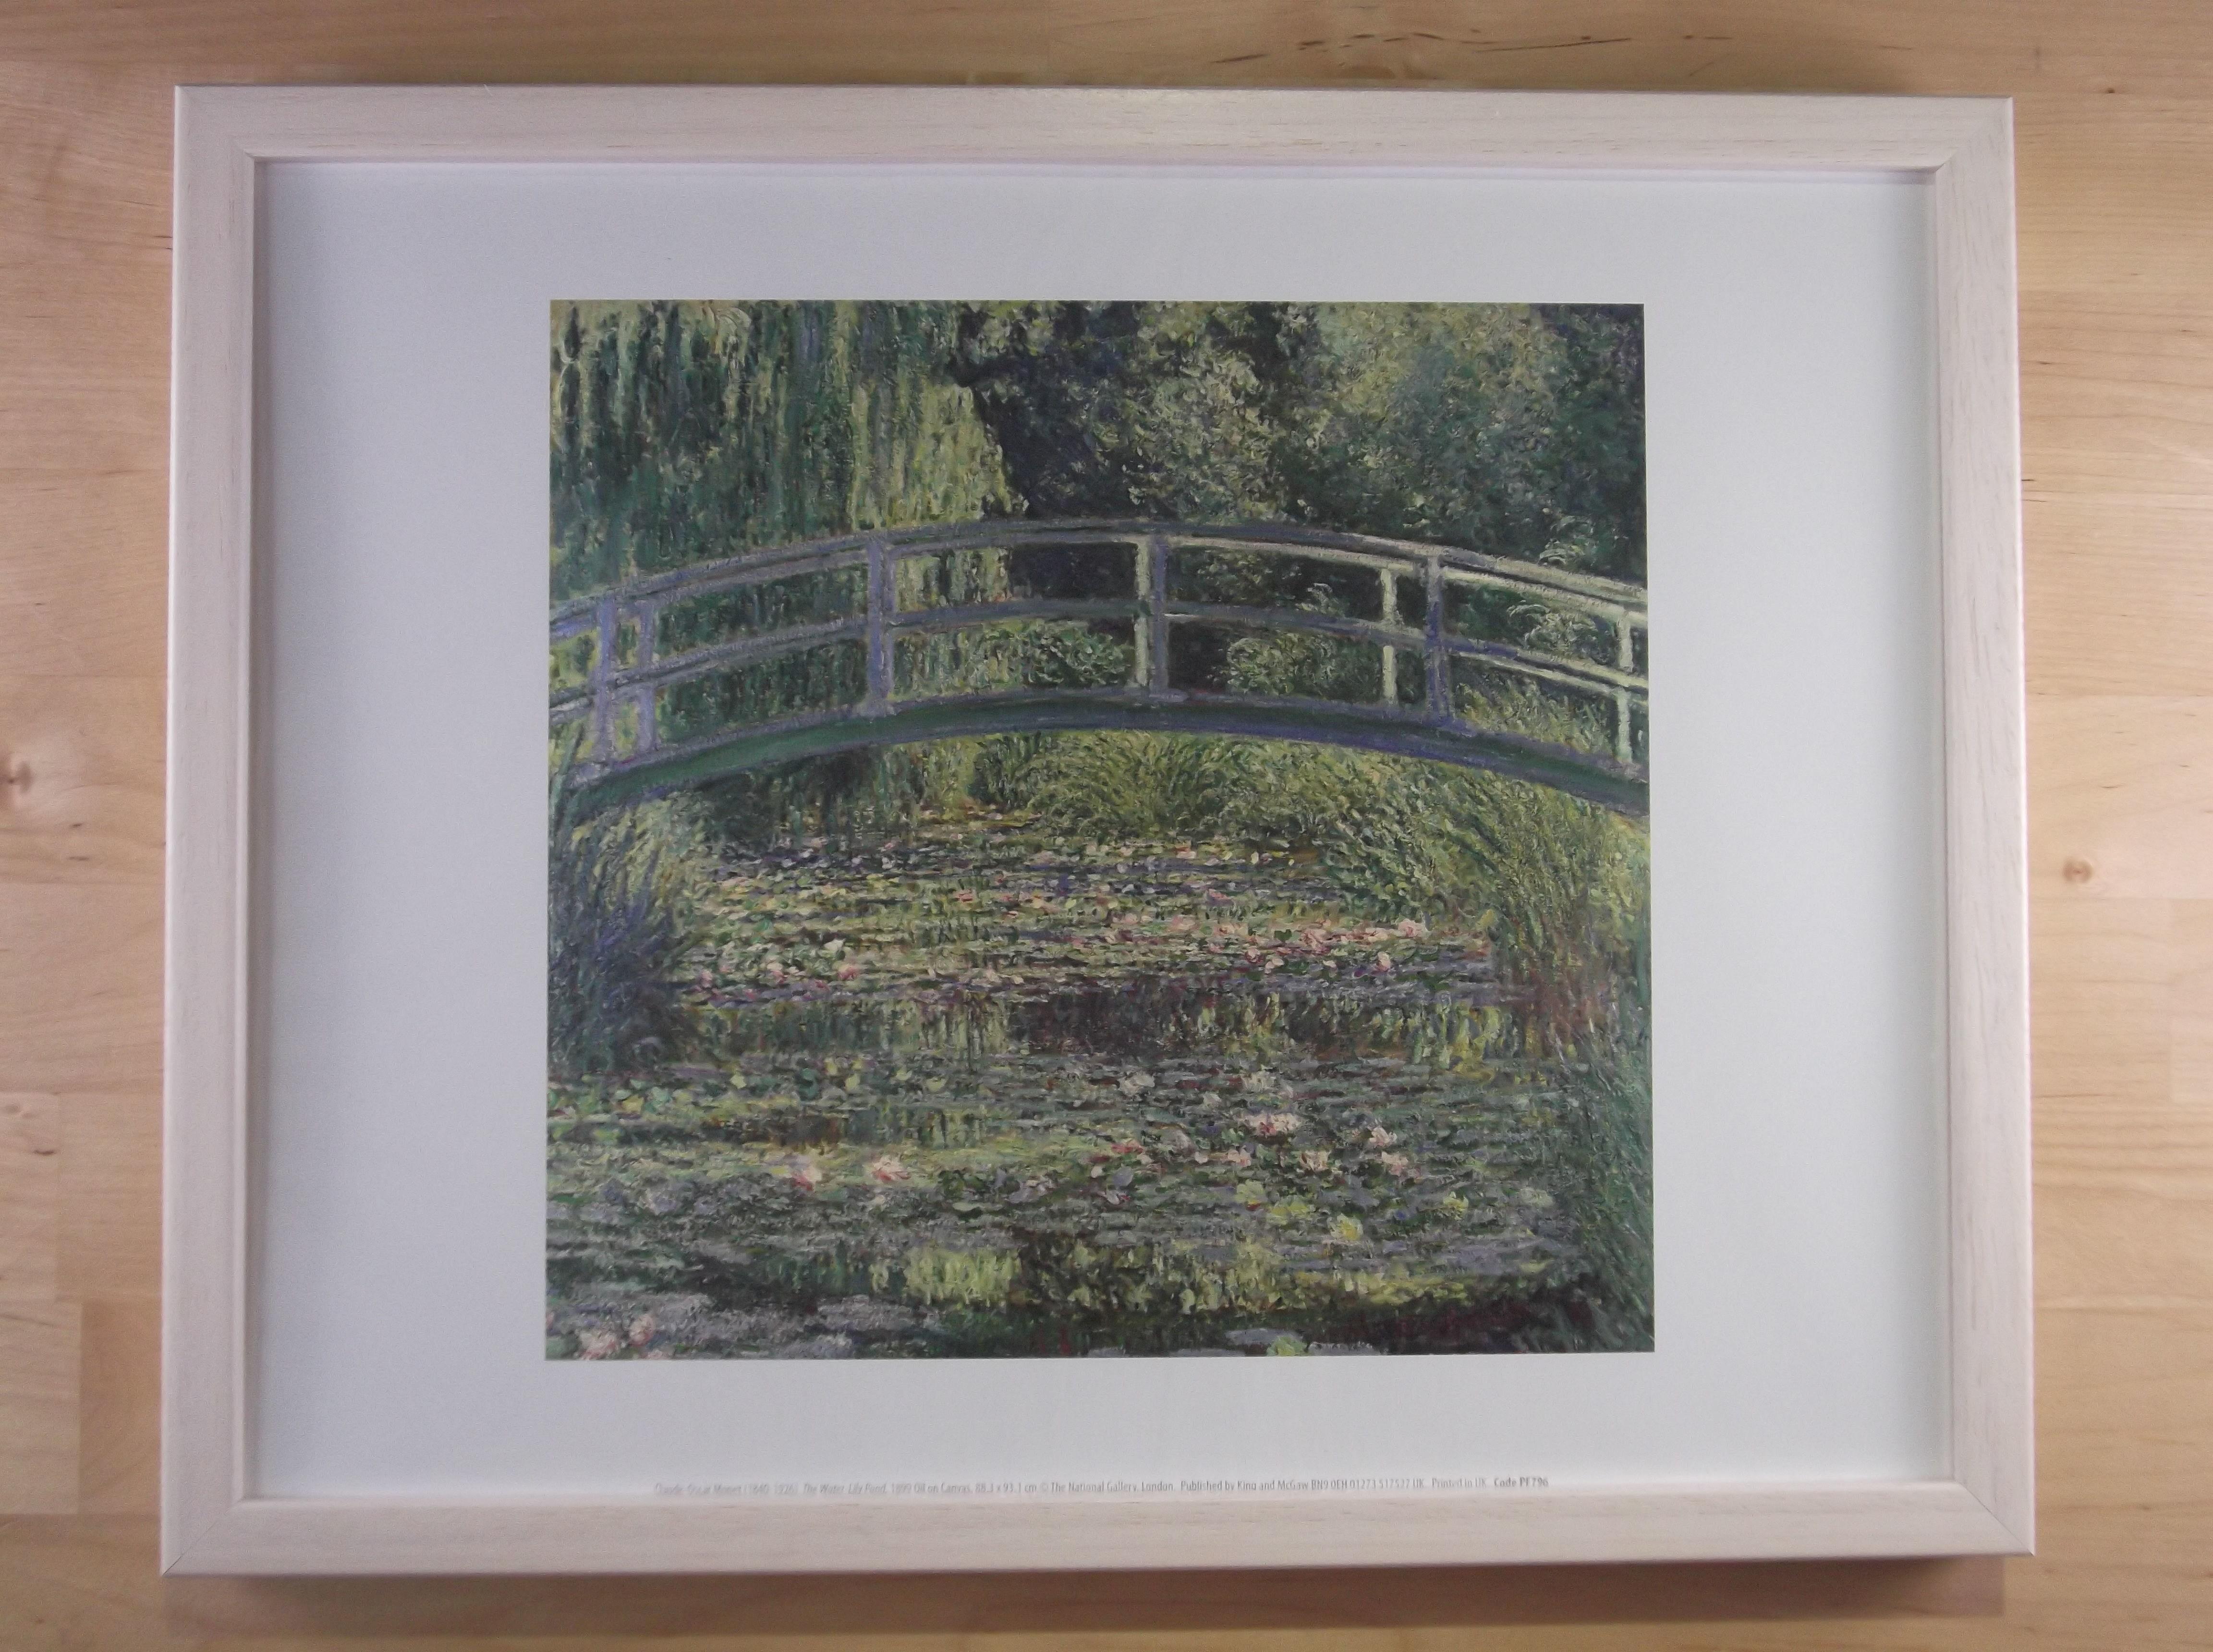 モネ 睡蓮の池 ライムホワイト色額縁絵画プリント(ロンドン ナショナルギャラリー所蔵)